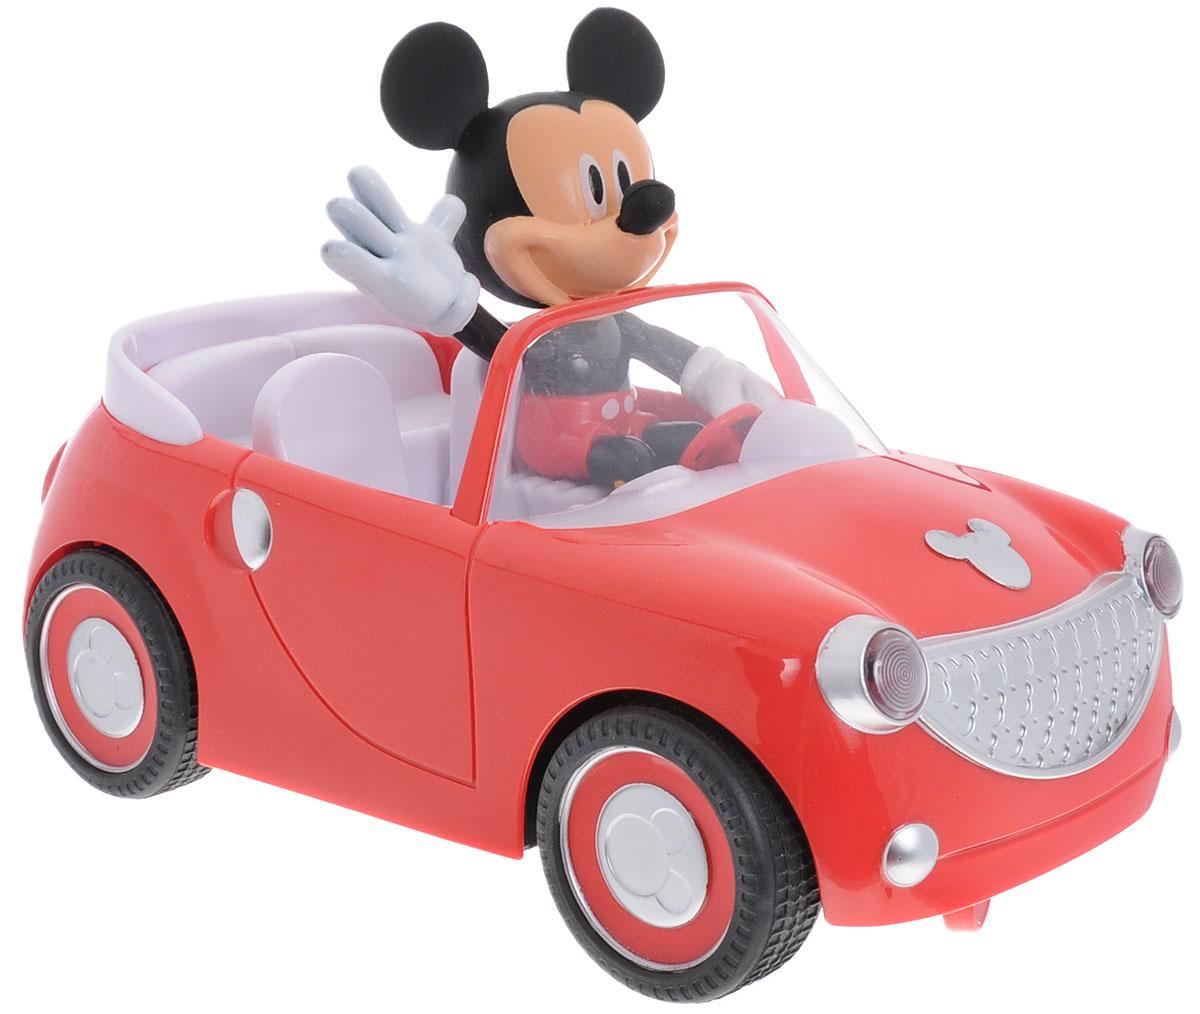 """Машина на радиоуправлении Jada """"Микки Маус"""" обязательно привлечет внимание вашего ребенка. Элементы наборы выполнены их прочных и безопасных для ребенка материалов. В наборе имеется: пульт управления, машинка, фигурка Микки Маус (несъемная). Машинка двигается вперед и поворачивает по часовой стрелке. С машиной под управлением знаменитого Микки Мауса ваш ребенок часами будет играть, придумывая различные истории и устраивая соревнования. Порадуйте его таким замечательным подарком! Для работы машины необходимо купить 3 батарейки типа АА (в комплект не входят). Для работы пульта управления необходимо докупить 2 батарейки типа ААА (в комплект не входят)."""